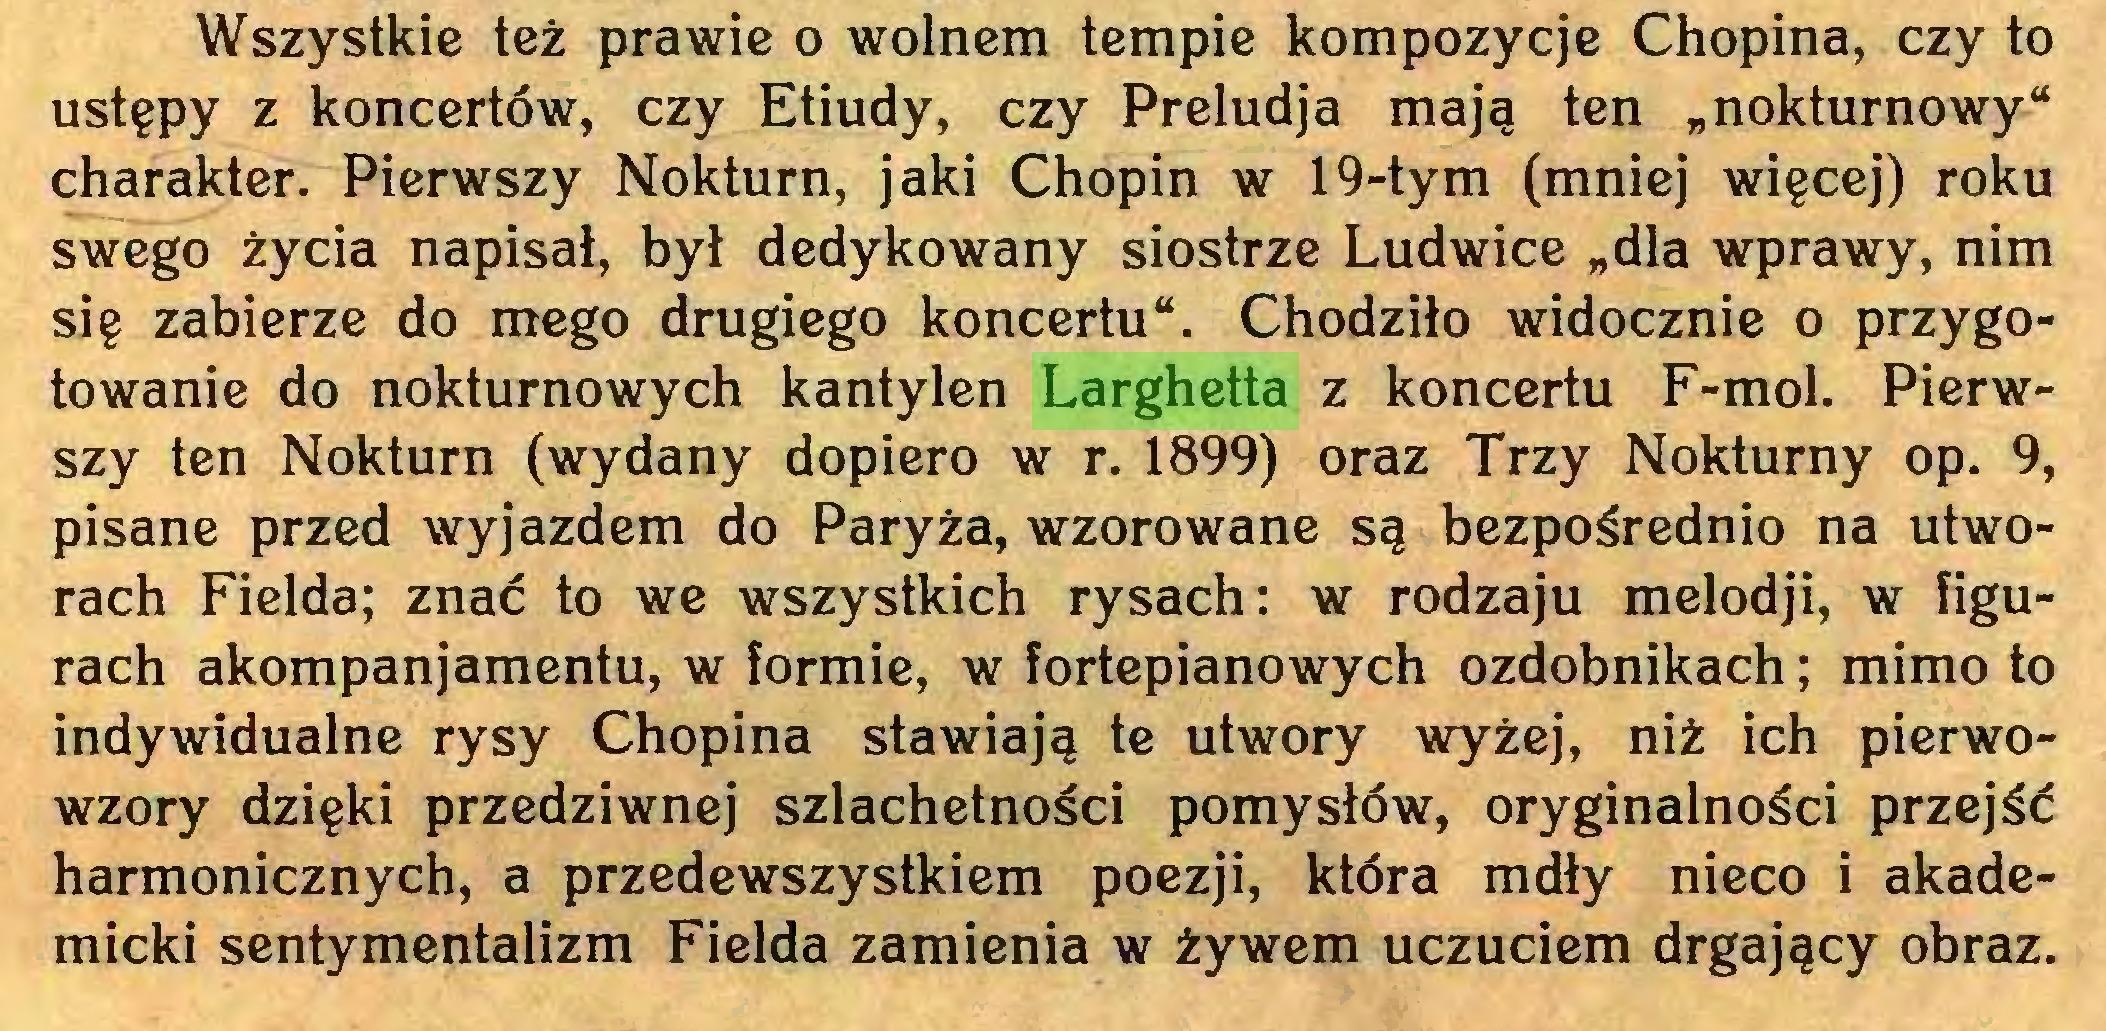 """(...) Wszystkie też prawie o wolnem tempie kompozycje Chopina, czy to ustępy z koncertów, czy Etiudy, czy Preludja mają ten """"nokturnowy"""" charakter. Pierwszy Nokturn, jaki Chopin w 19-tym (mniej więcej) roku swego życia napisał, był dedykowany siostrze Ludwice """"dla wprawy, nim się zabierze do mego drugiego koncertu"""". Chodziło widocznie o przygotowanie do nokturnowych kantylen Larghetta z koncertu F-mol. Pierwszy ten Nokturn (wydany dopiero w r. 1899) oraz Trzy Nokturny op. 9, pisane przed wyjazdem do Paryża, wzorowane są bezpośrednio na utworach Fielda; znać to we wszystkich rysach: w rodzaju melodji, w figurach akompanjamentu, w formie, w fortepianowych ozdobnikach; mimo to indywidualne rysy Chopina stawiają te utwory wyżej, niż ich pierwowzory dzięki przedziwnej szlachetności pomysłów, oryginalności przejść harmonicznych, a przedewszystkiem poezji, która mdły nieco i akademicki sentymentalizm Fielda zamienia w żywem uczuciem drgający obraz..."""